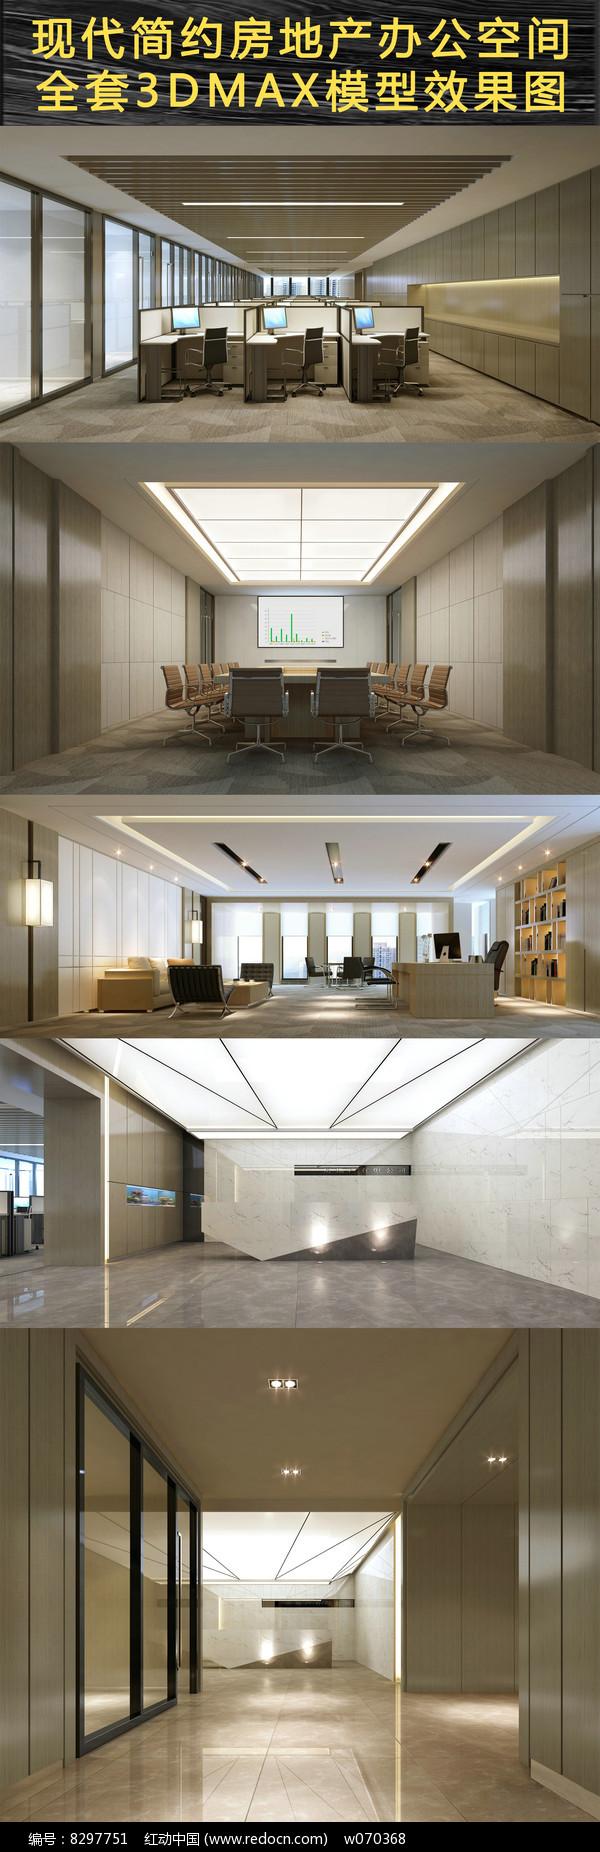 现代简约风格房地产办公空间全套3DMAX模型效果图图片